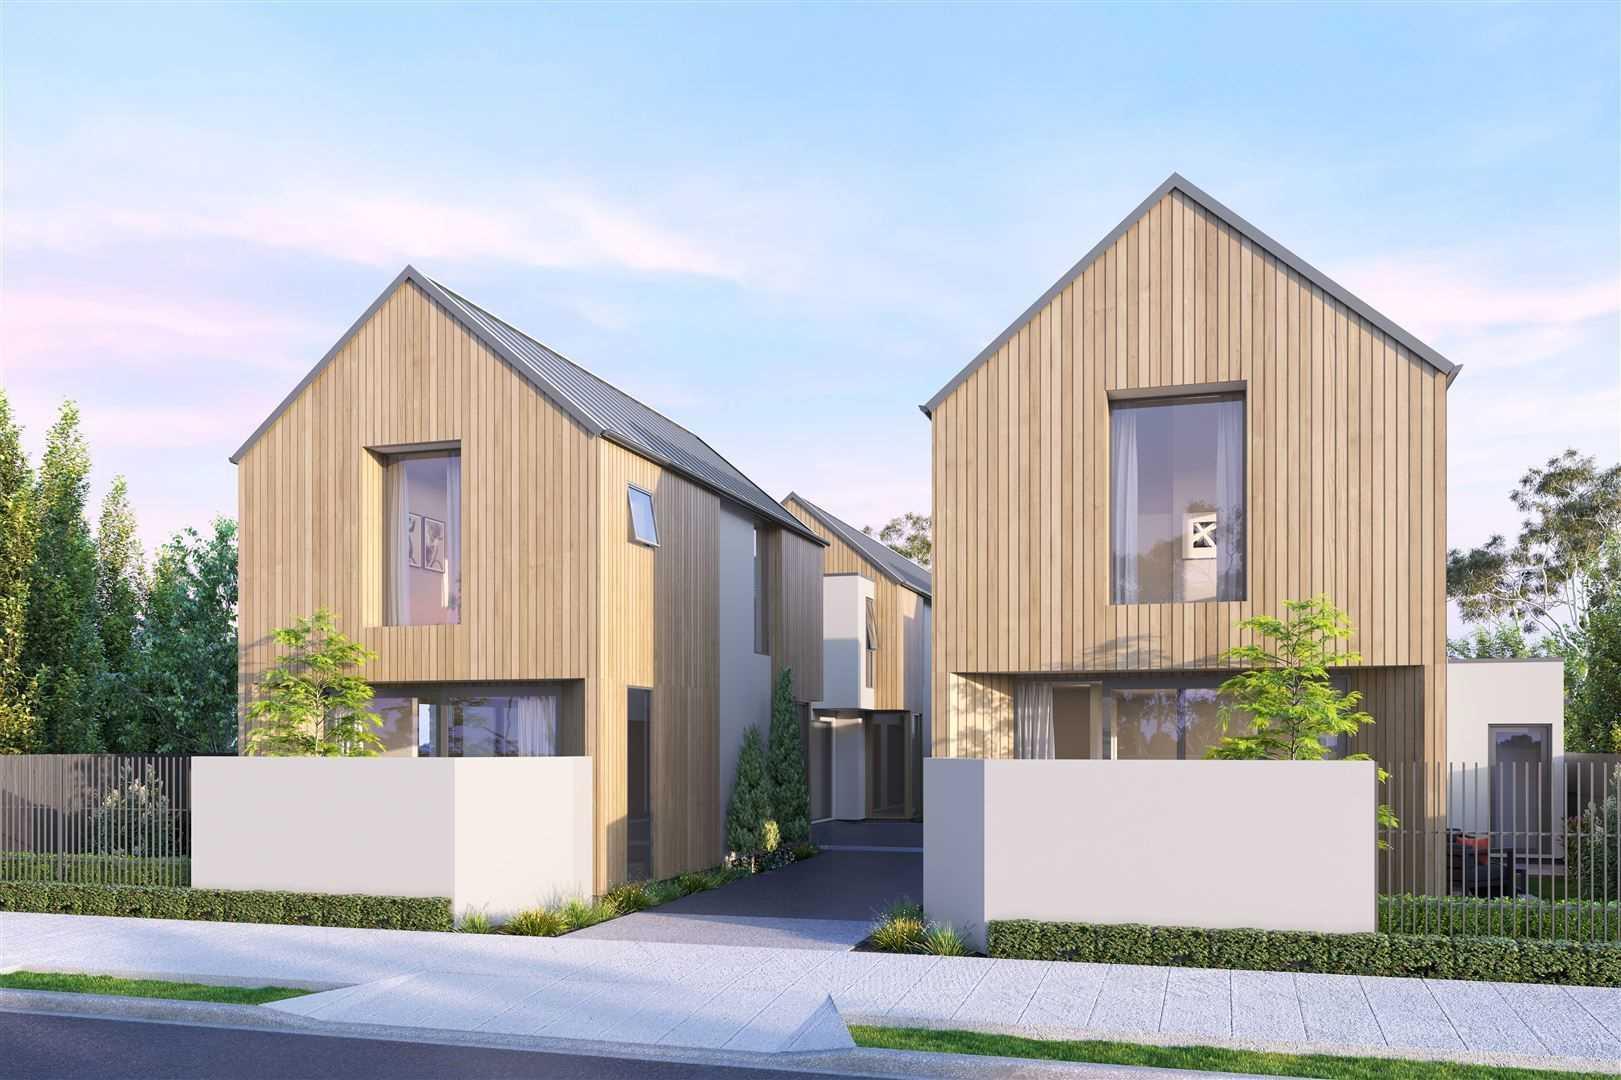 Unit 4/110 Aikmans Road, Merivale - Christchurch City